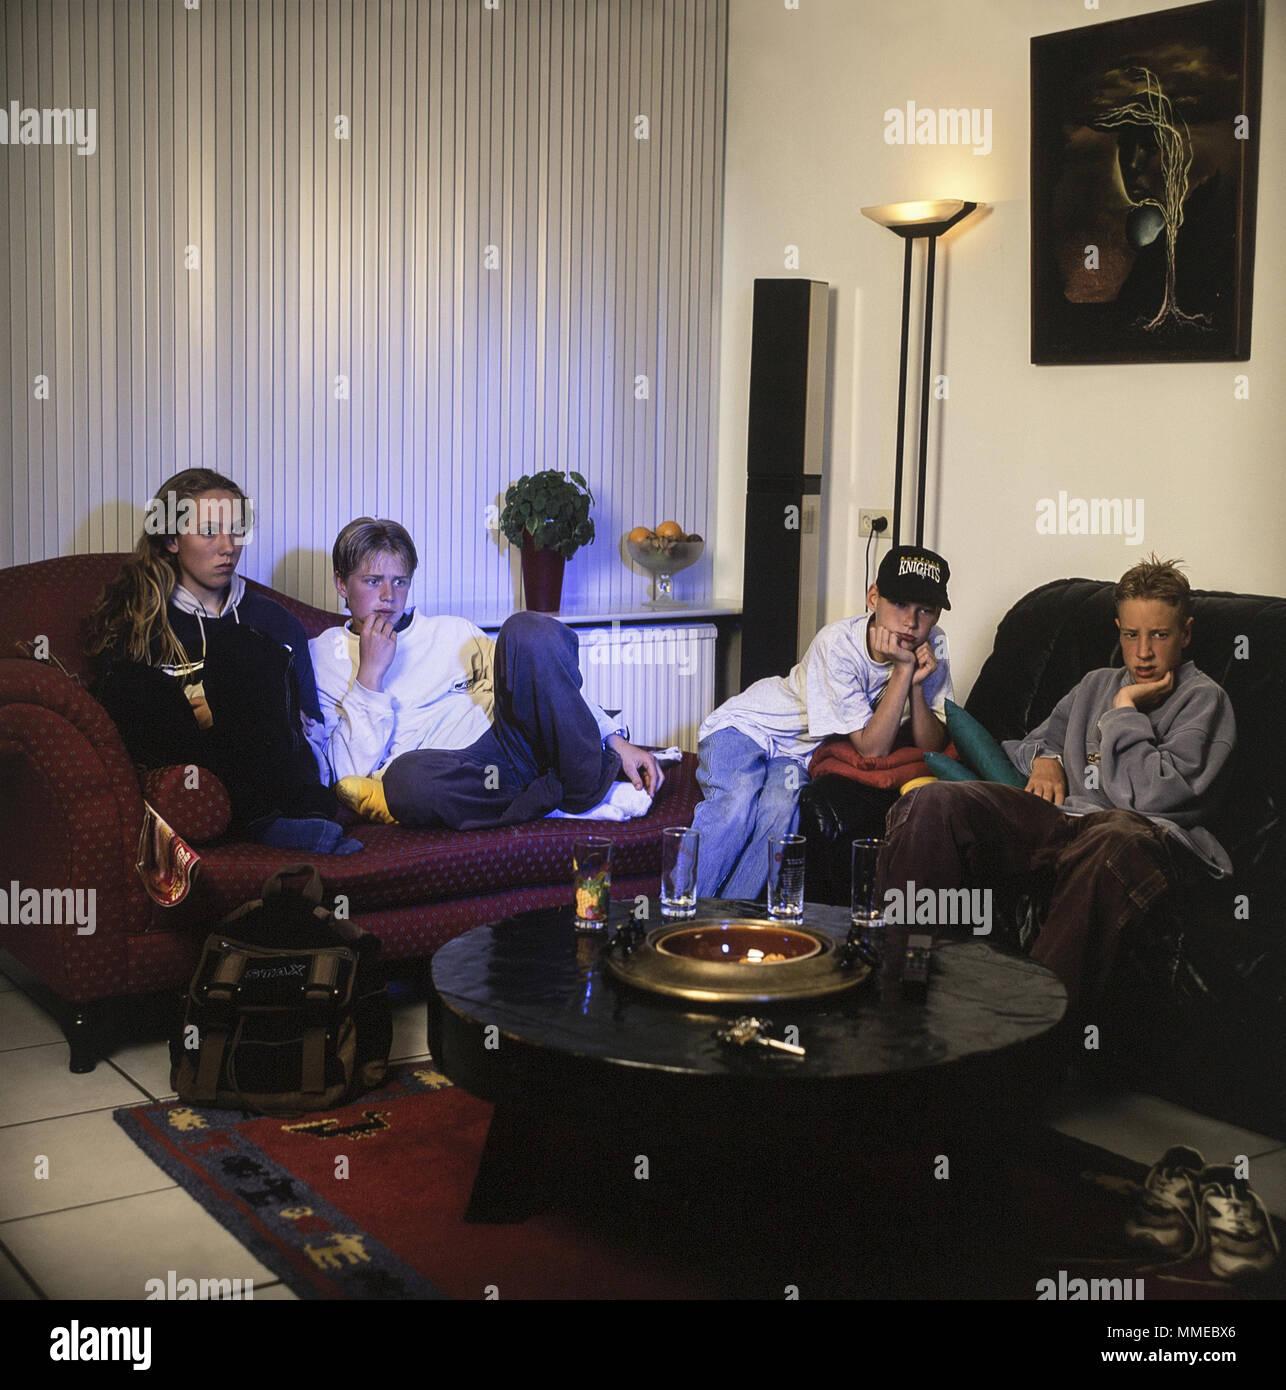 Les adolescents regardent la télévision l'horreur dans les années 90 Photo Stock